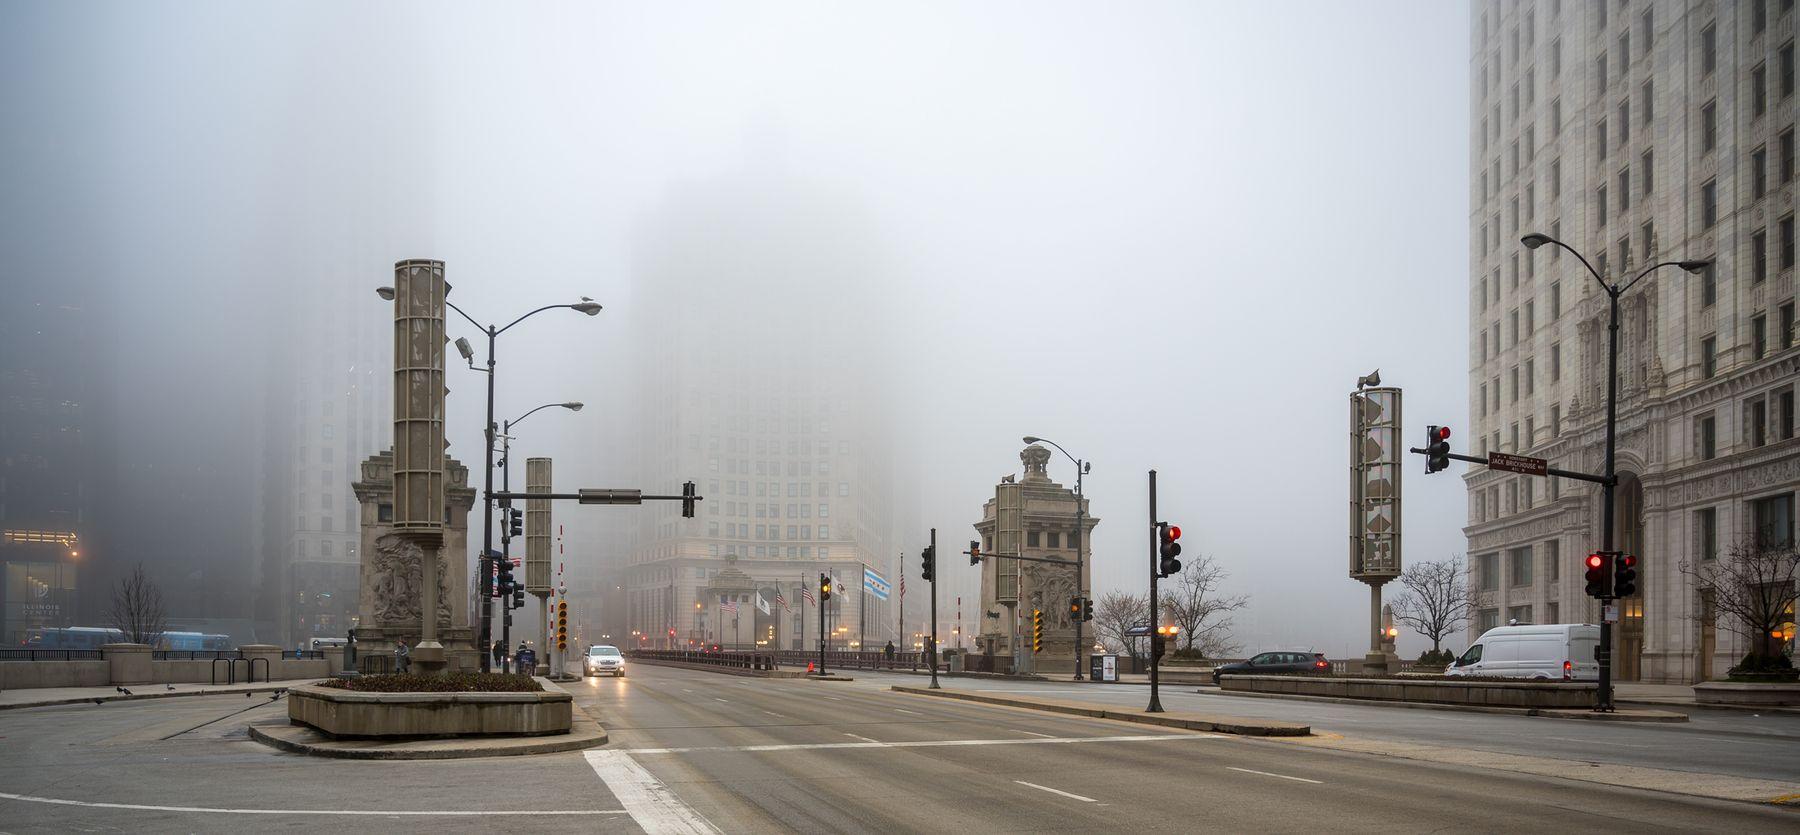 Туман в большом городе Чикаго туман